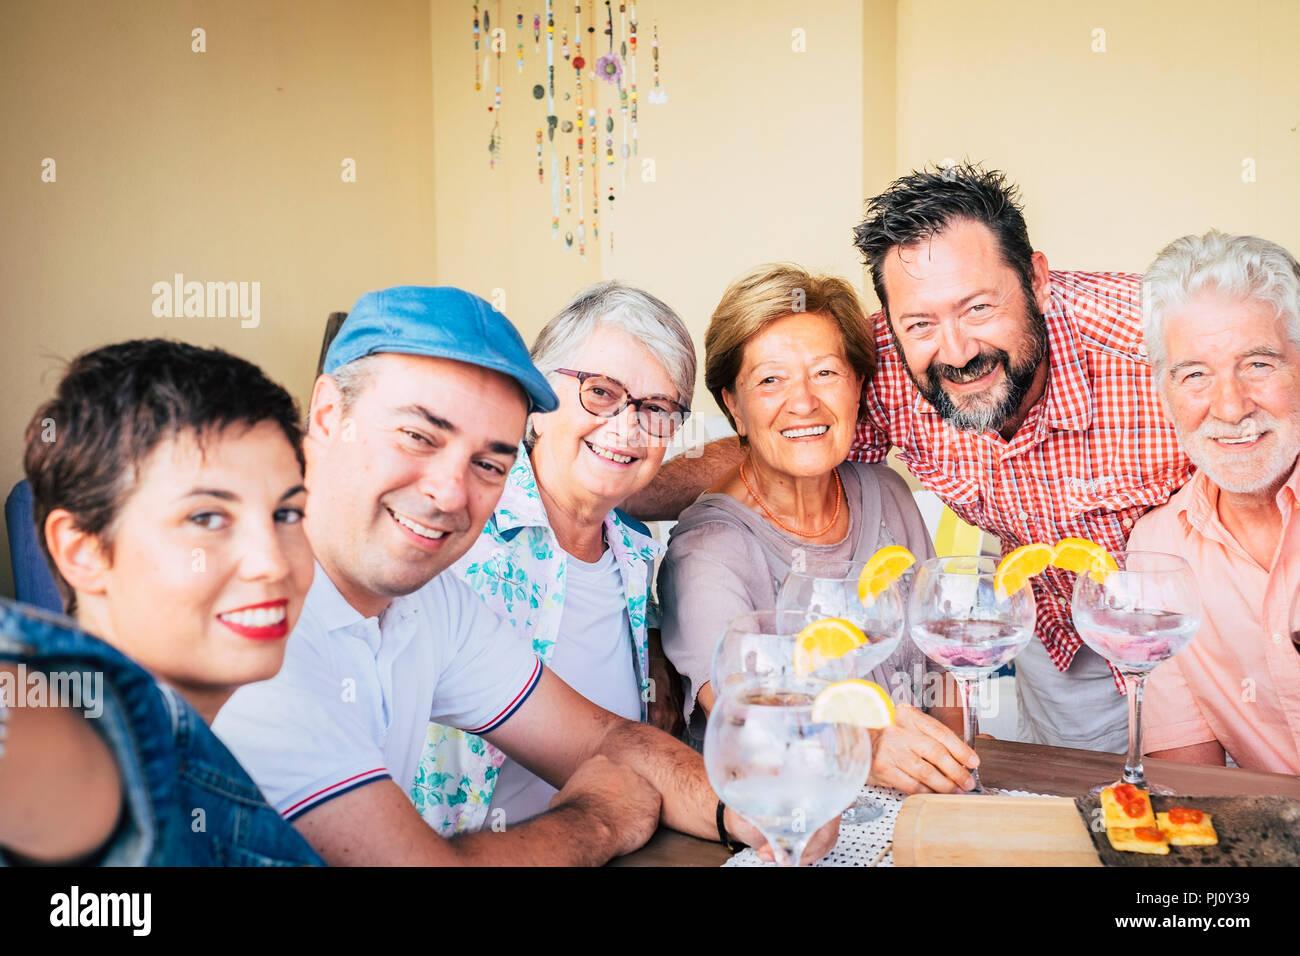 Selfie retrato tomado con teléfono. grupo de edades mixex alegres personas disfrutamos todos juntos celebrando en la mesa, con cócteles y comida. sonrisa peo Imagen De Stock